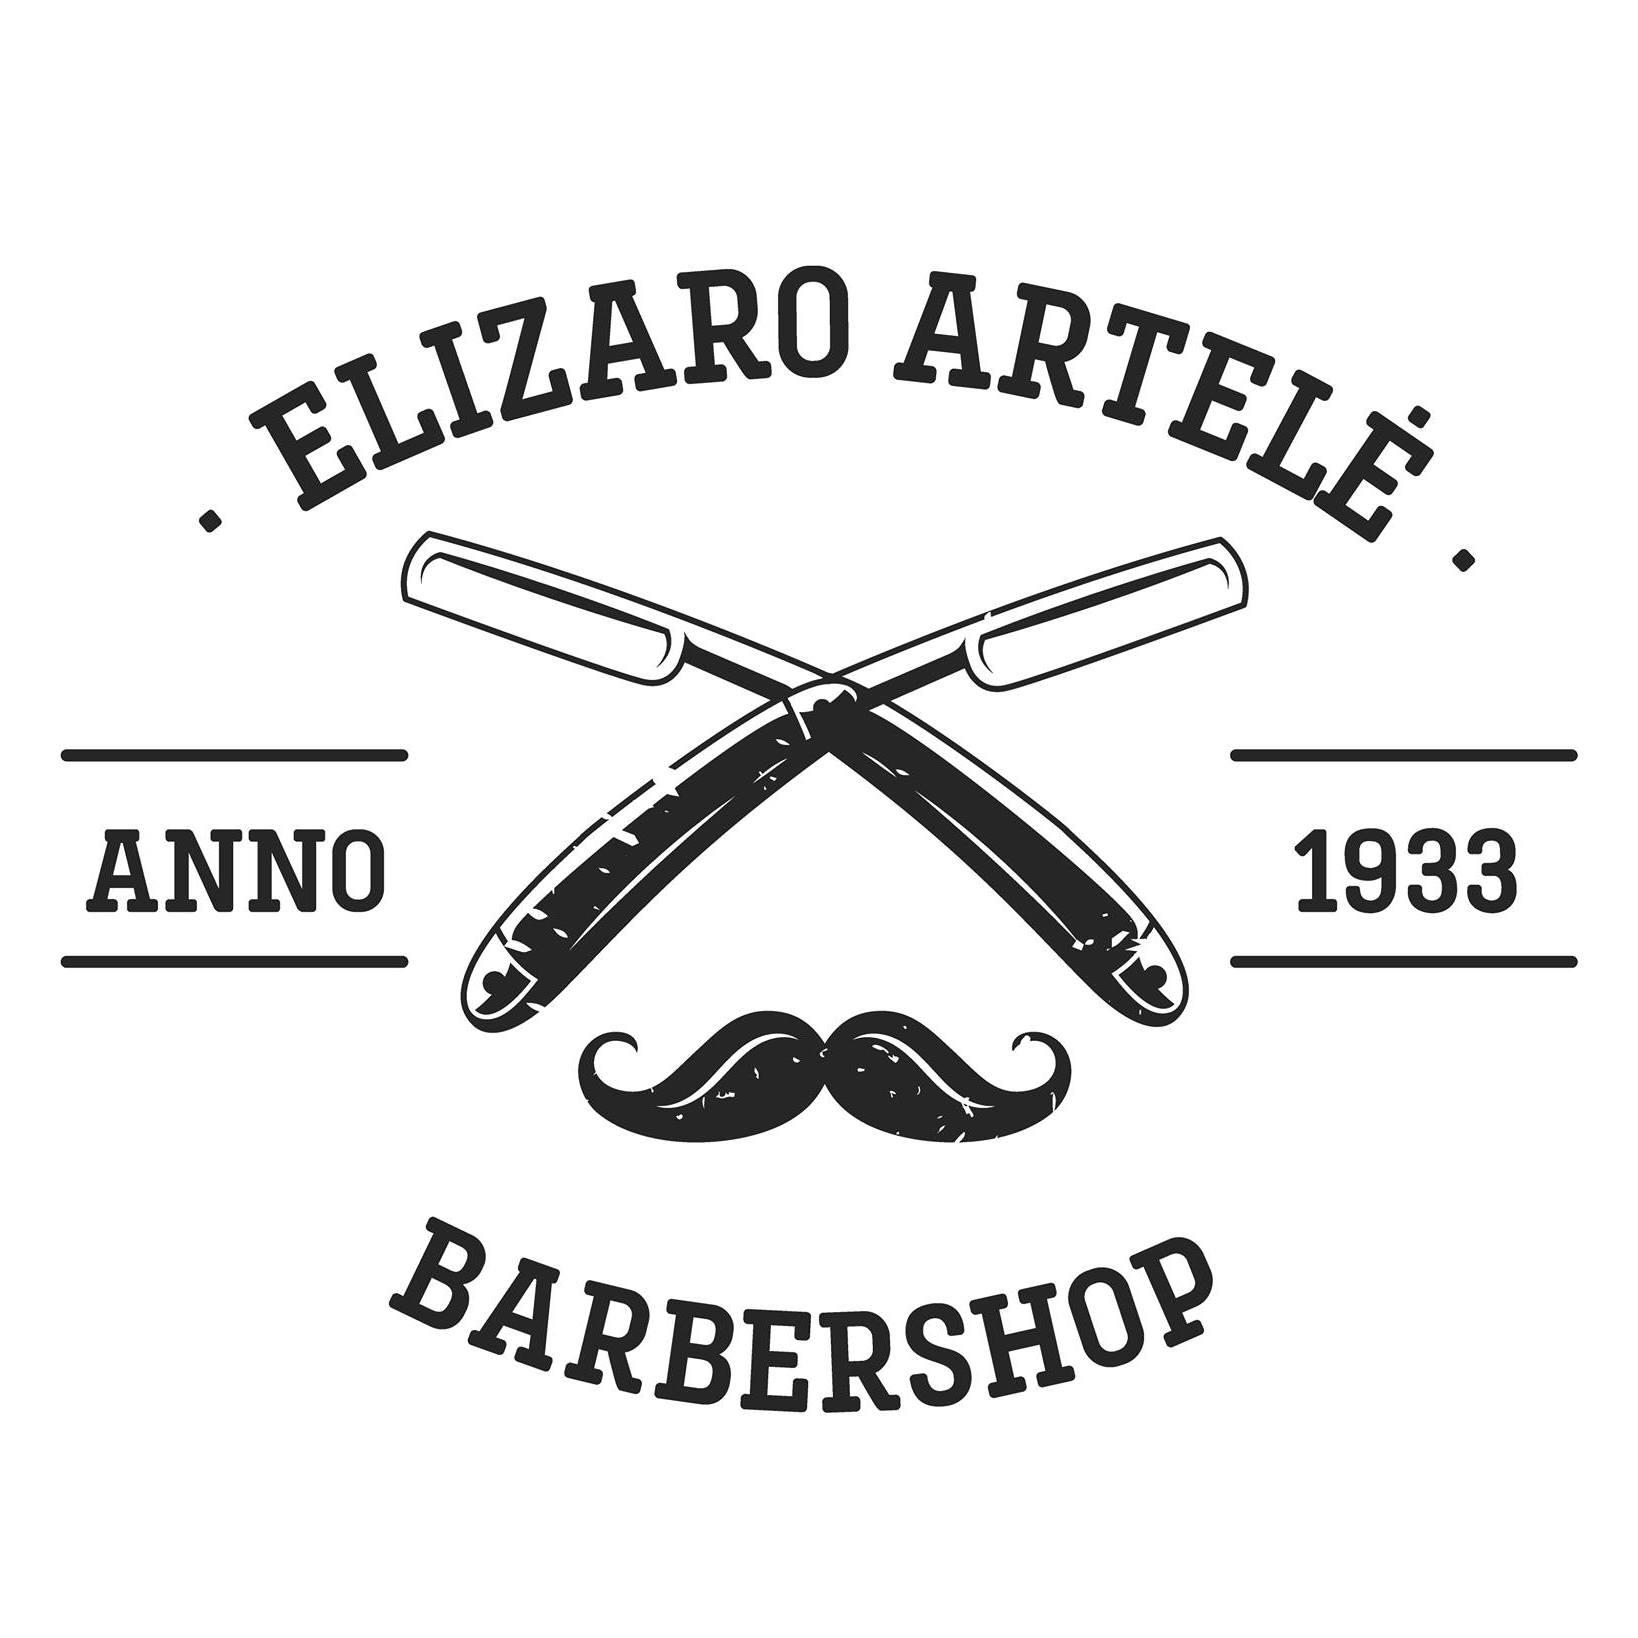 Elizaro artelė